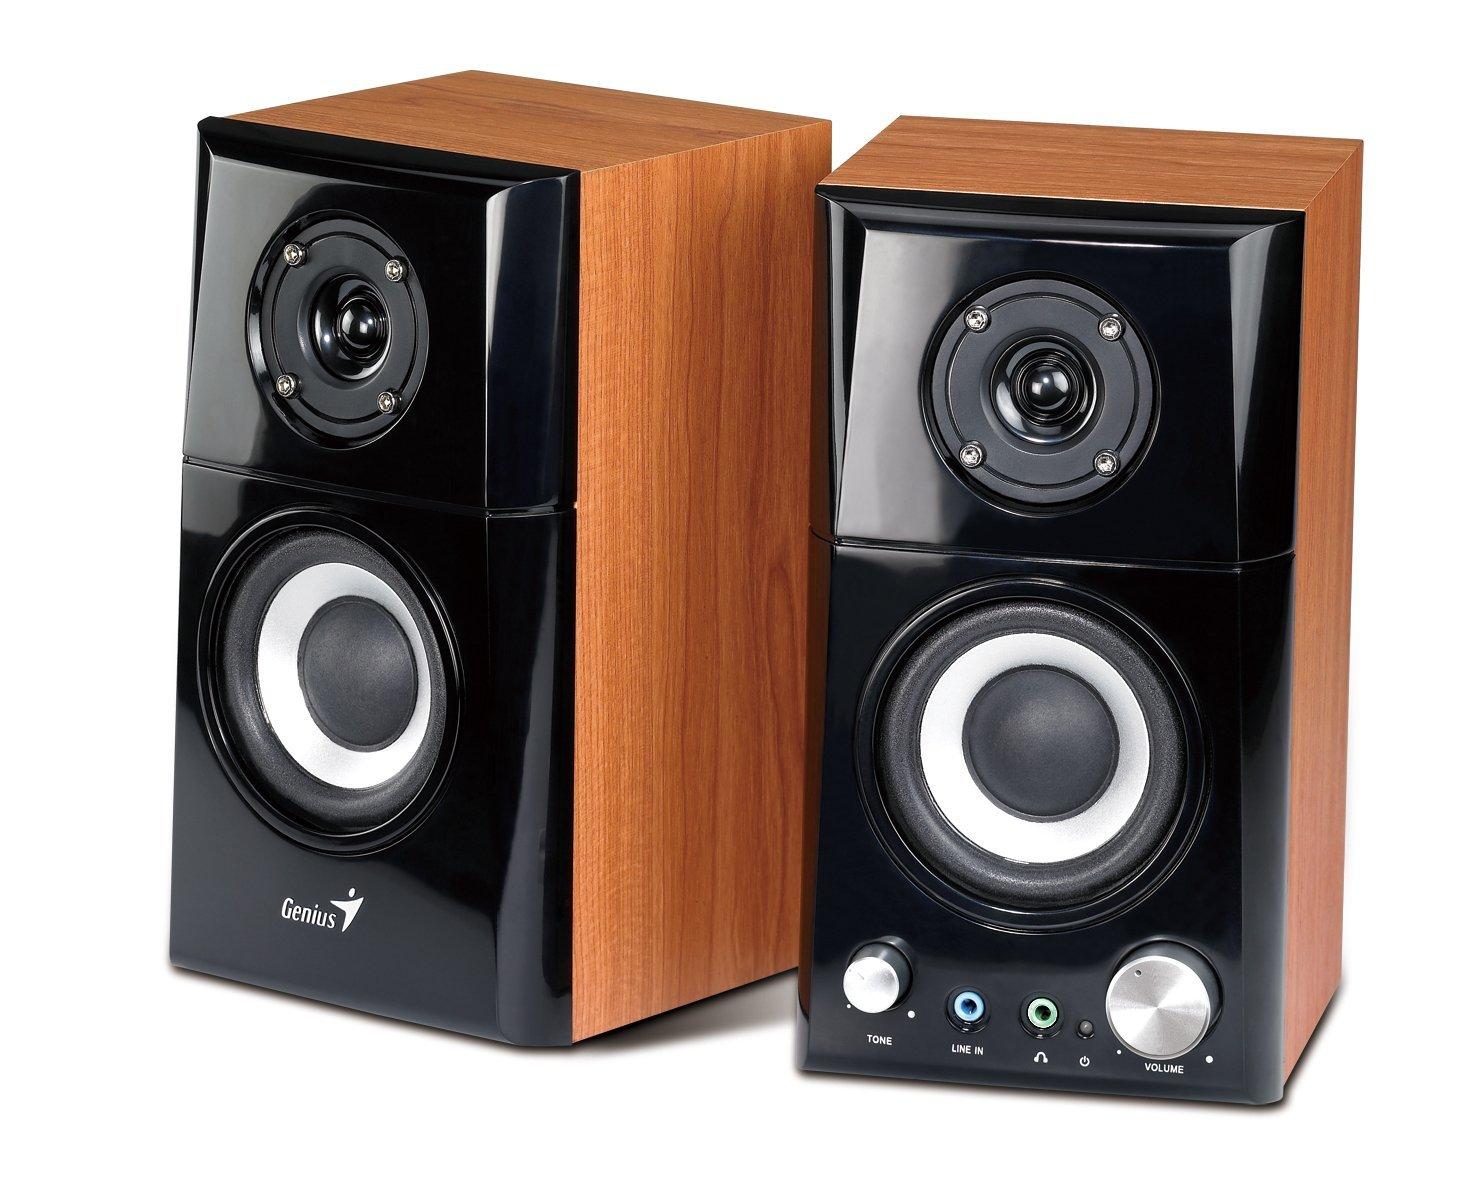 Genius Hi-Fi Computer Speakers  $30